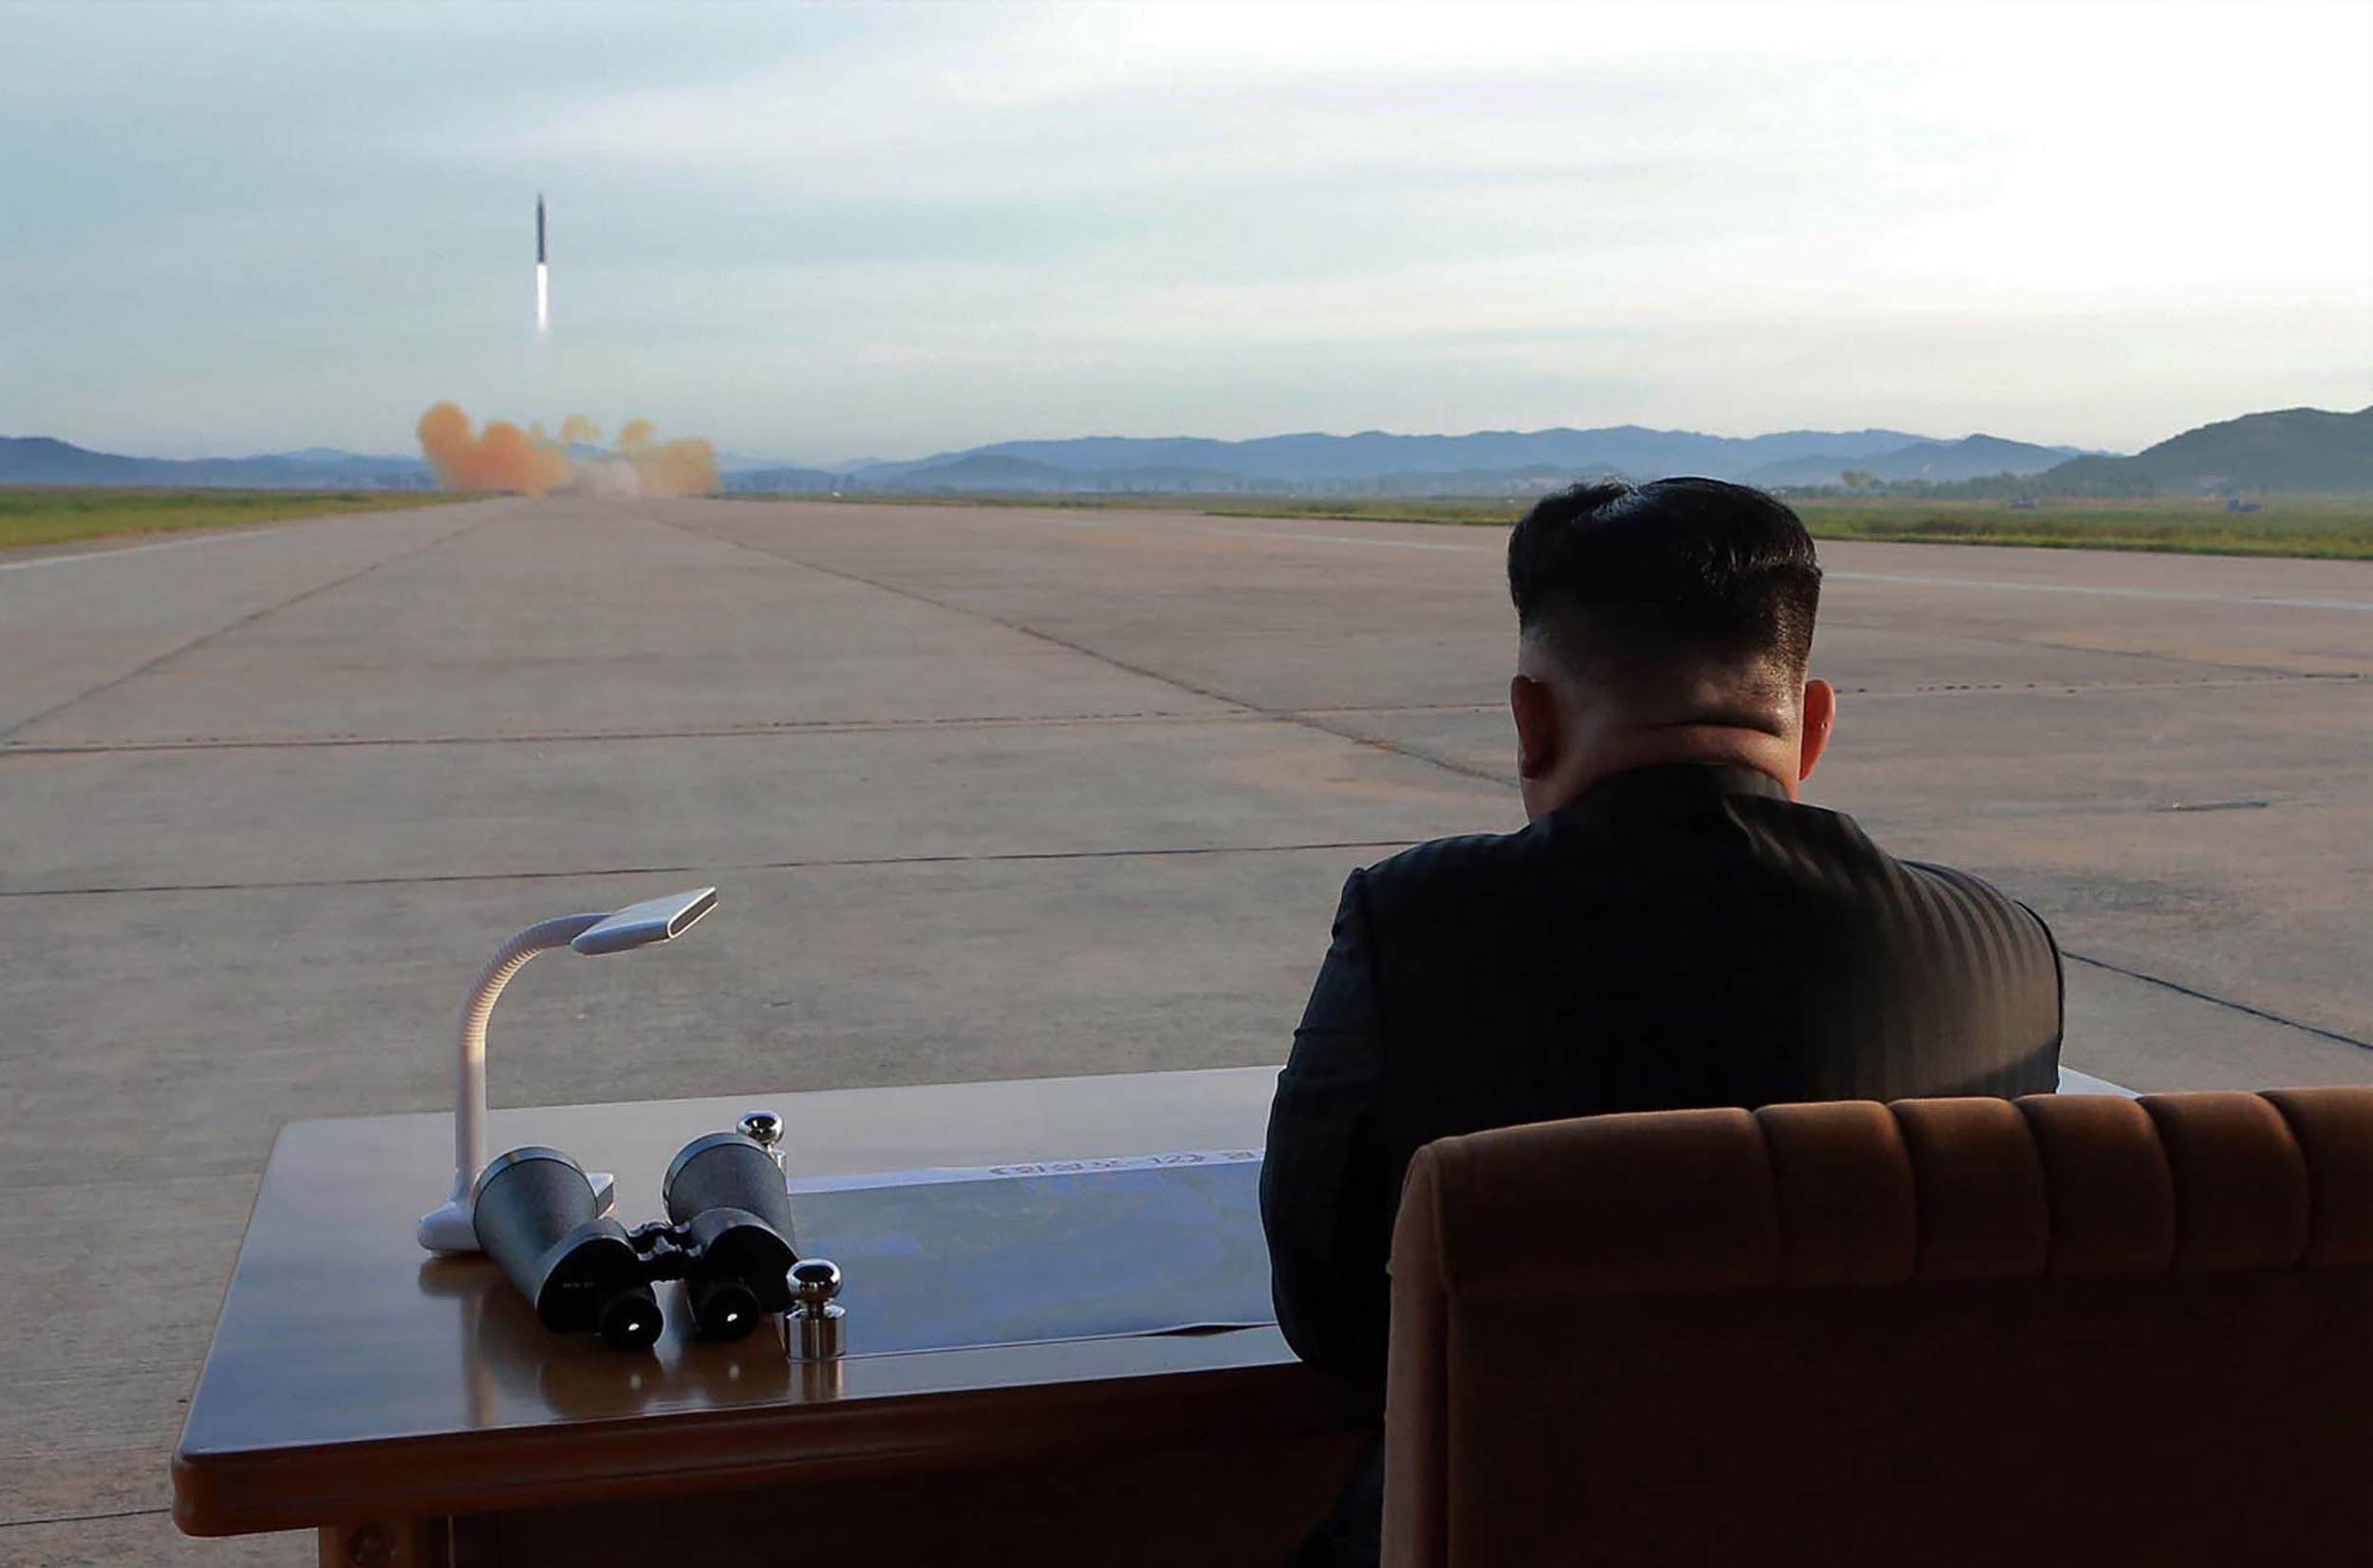 زعيم كوريا الشمالية يراقب عملية إطلاق صاروخ في سبتمبر 2017